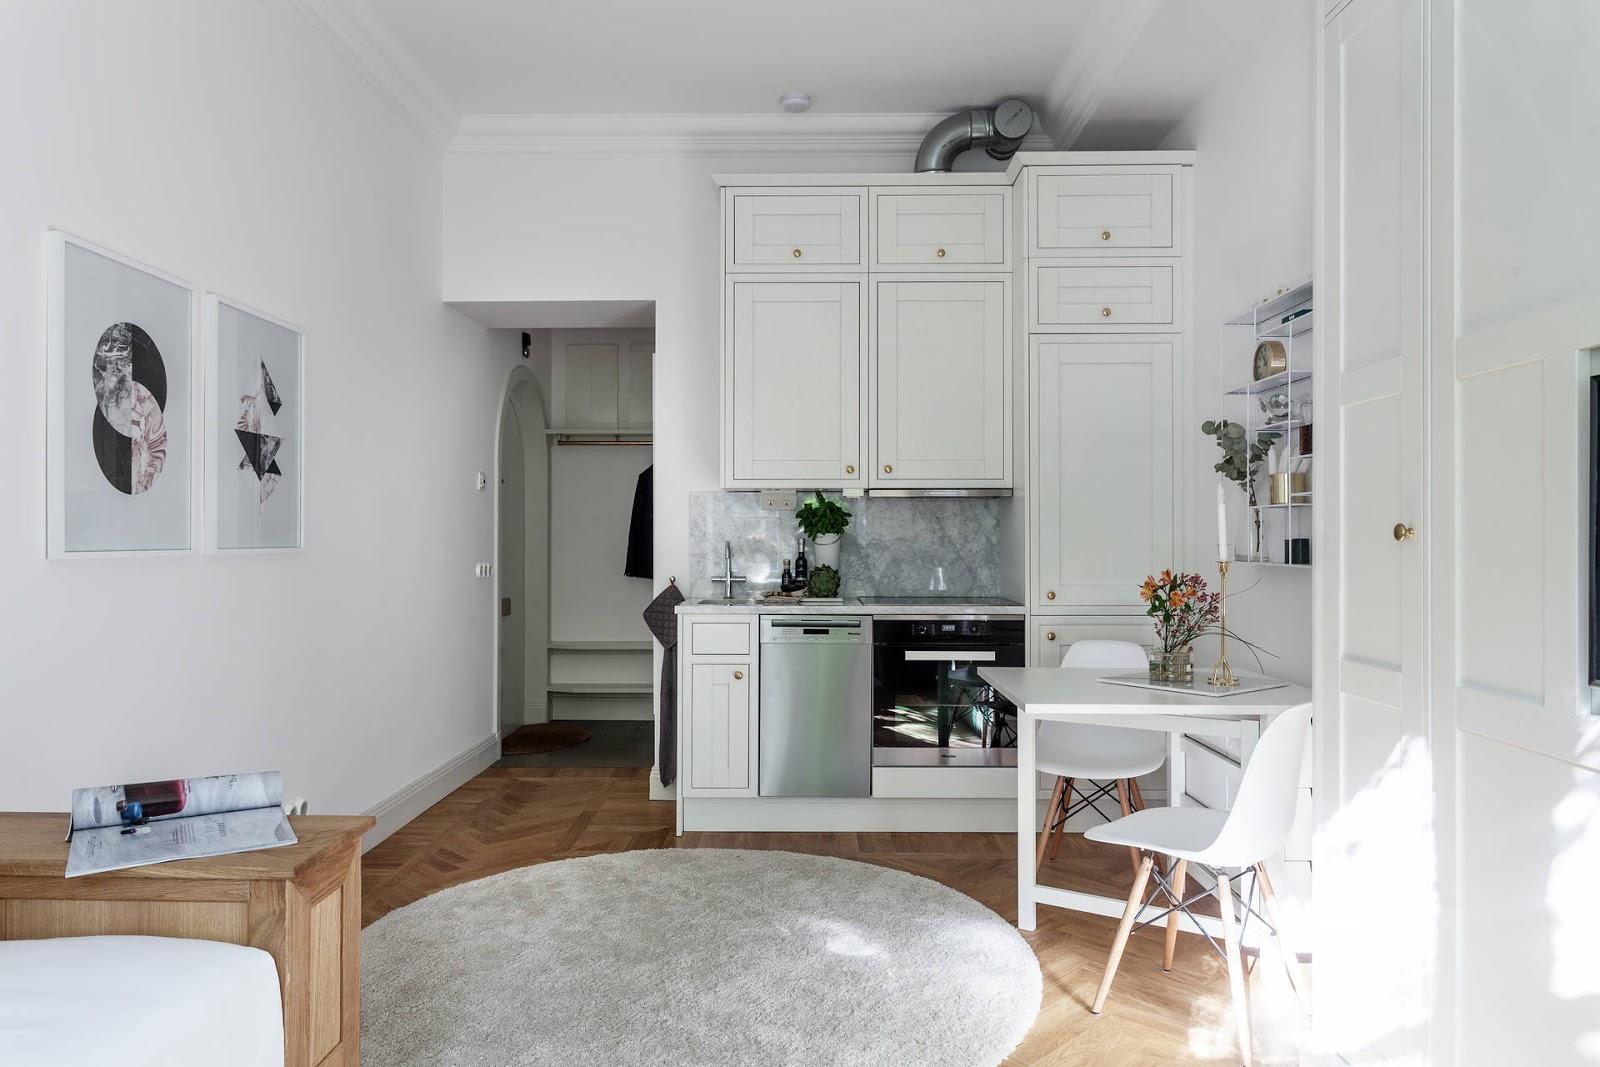 Dit kleine studio appartement van 23m2 is super leuk ingericht!